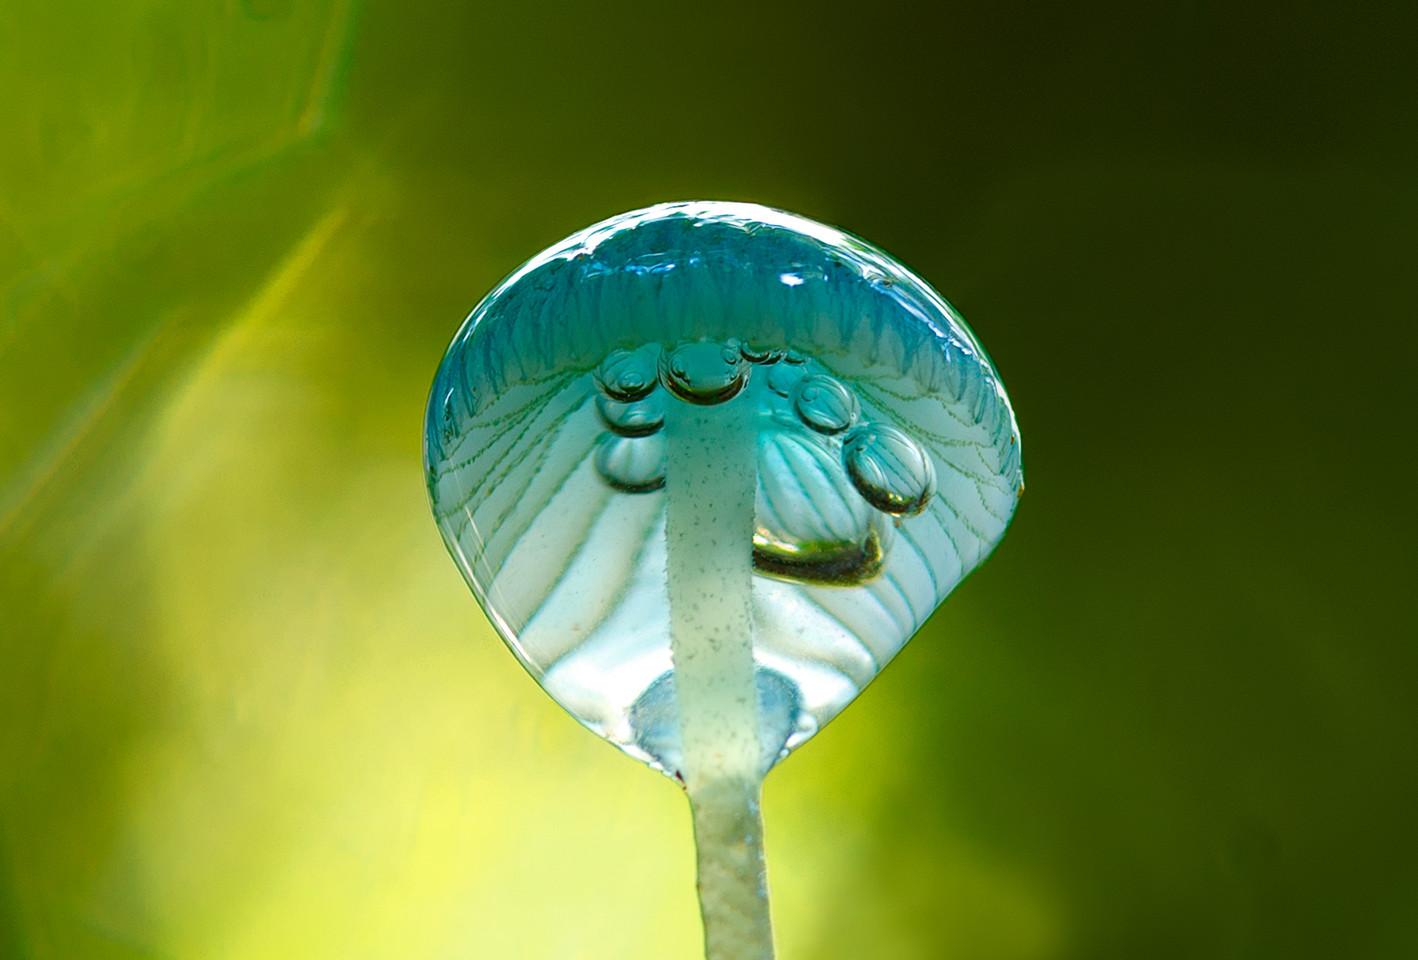 Blue Bubble Pixie - Mycena interrupta after the rain, Huon Valley, Tasmania.